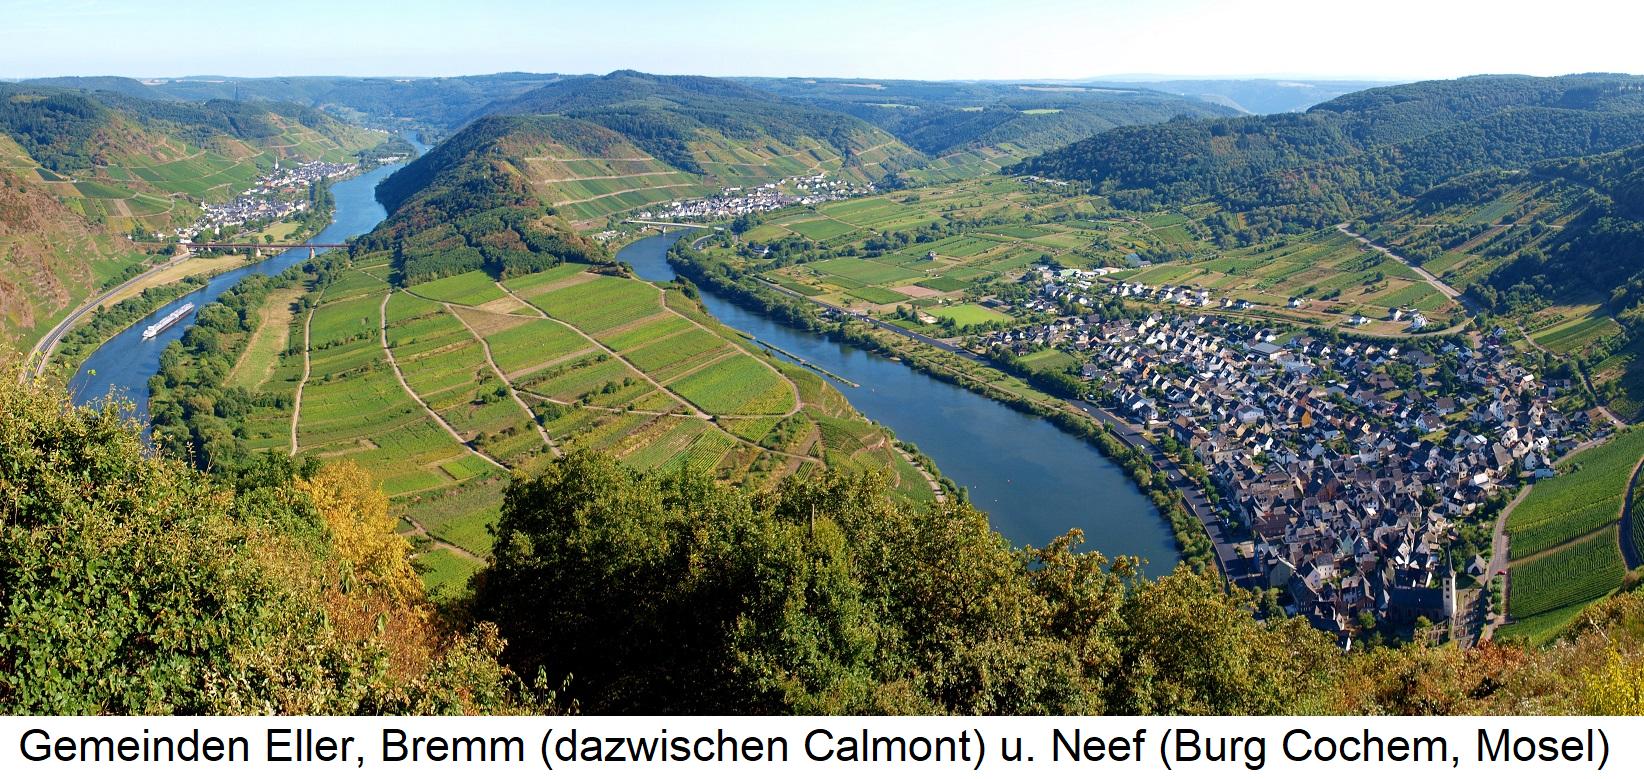 Mosel - Gemeinden Eller, Bremm und Neef (Burg Cochem, Mosel)